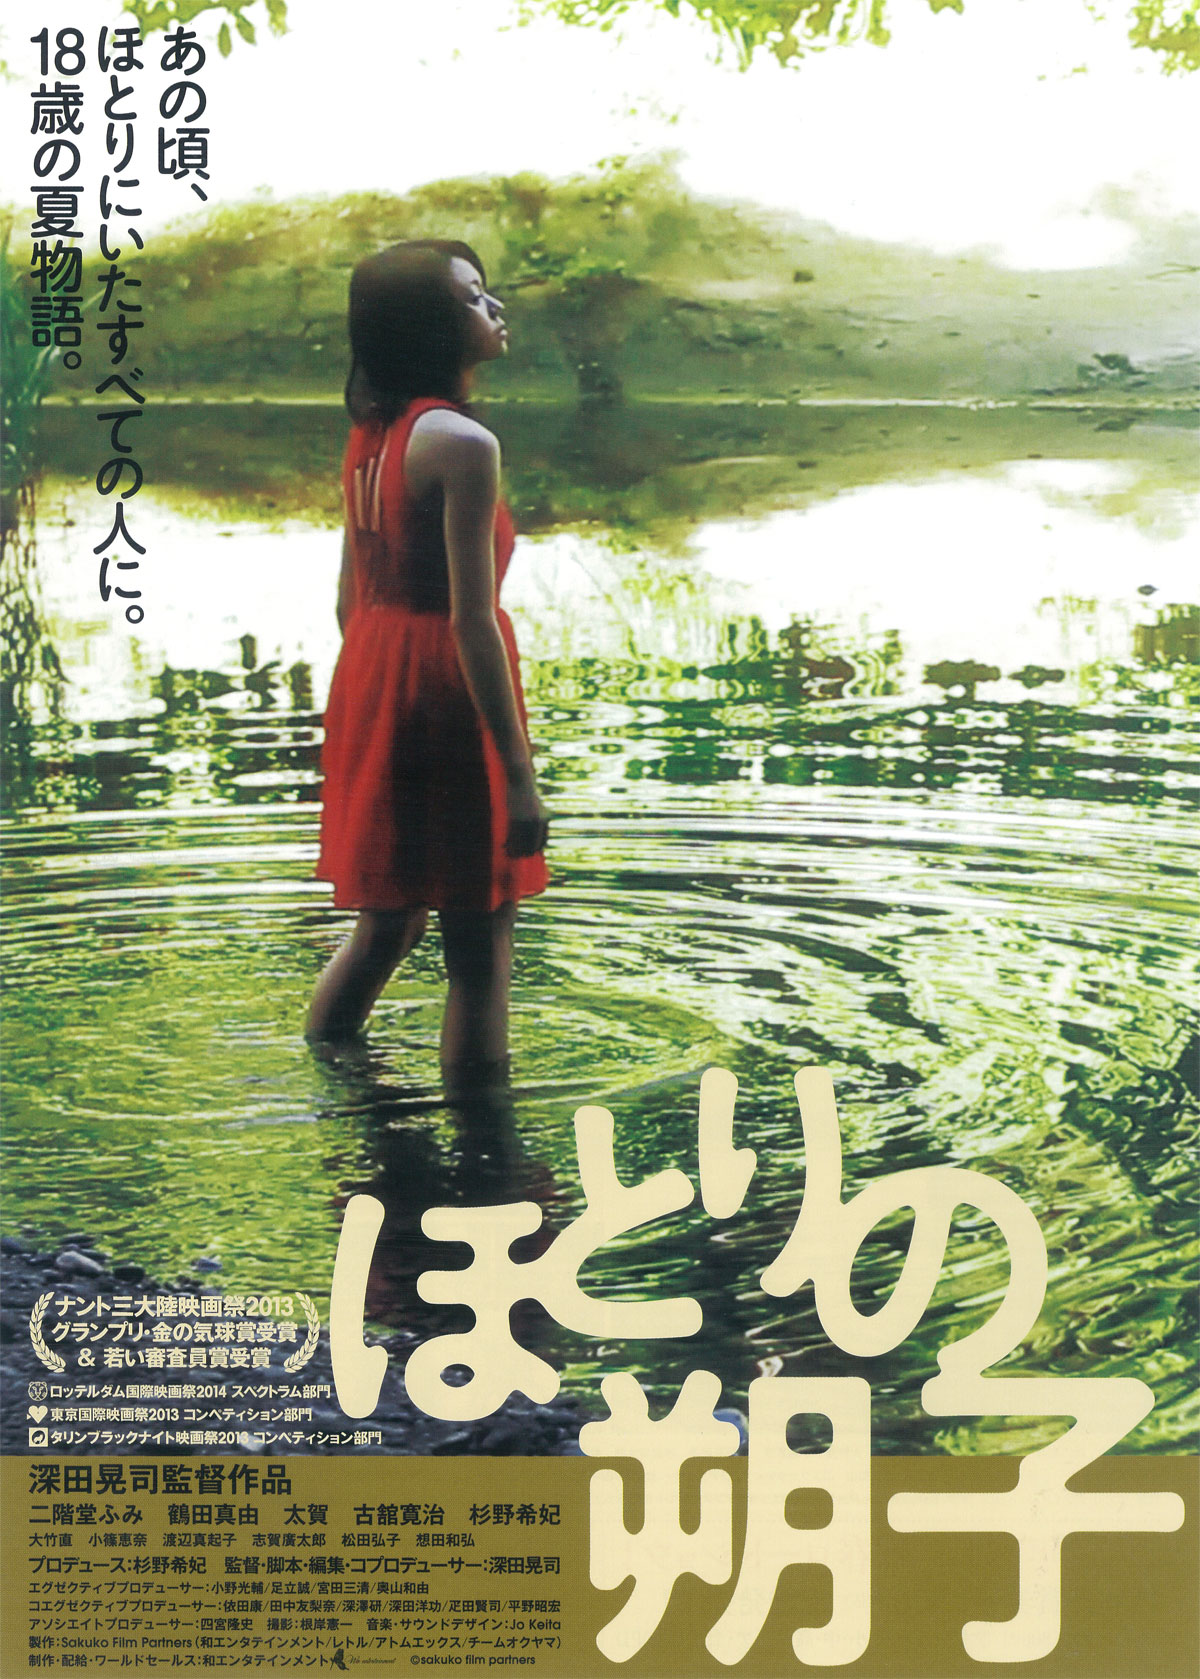 映画「ほとりの朔子」のネタバレ&あらすじと結末を徹底解説|深田晃司